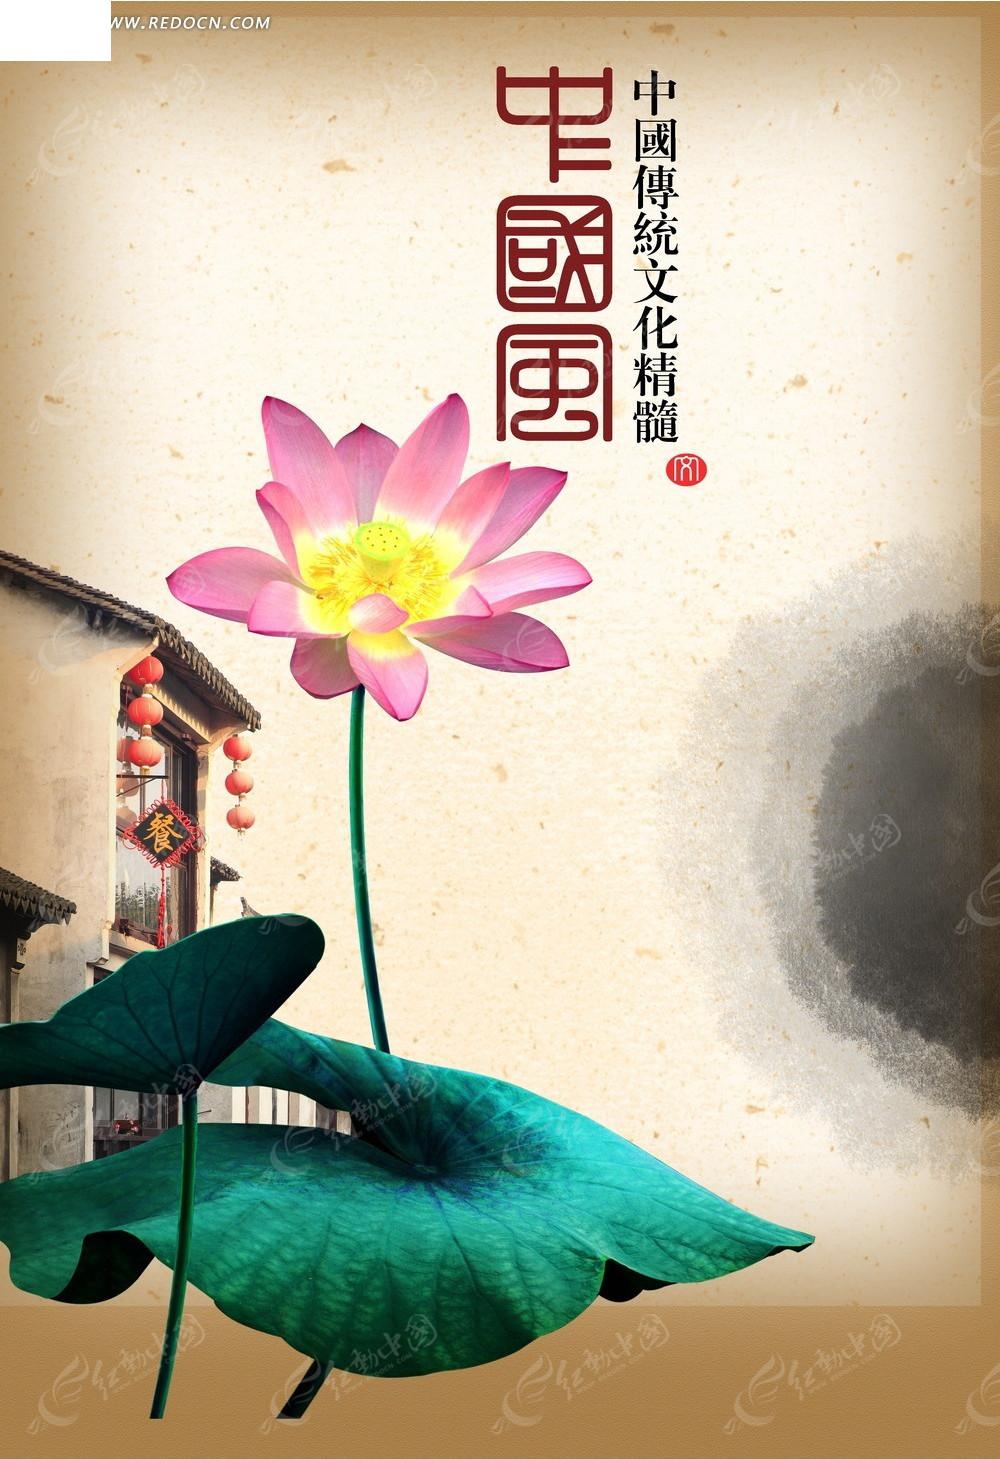 中国传统文化精髓宣传海报